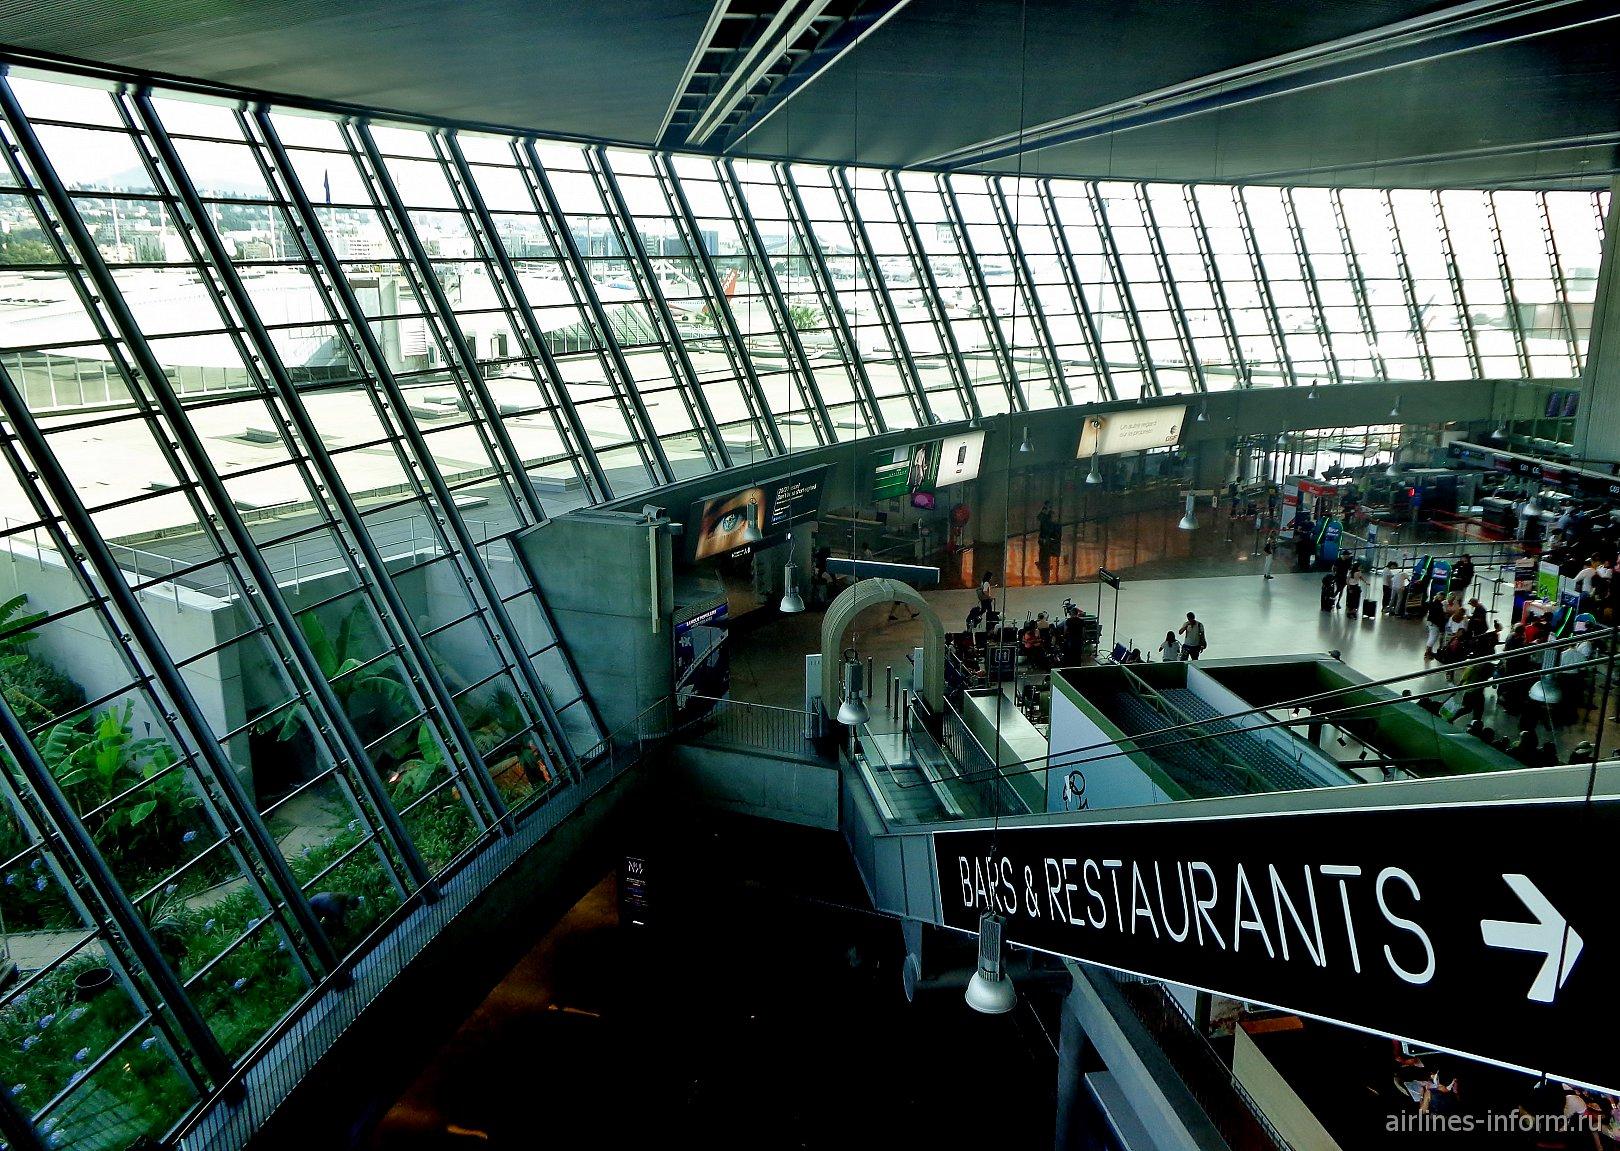 В Терминале 2 аэропорта Ницца Лазурный берег